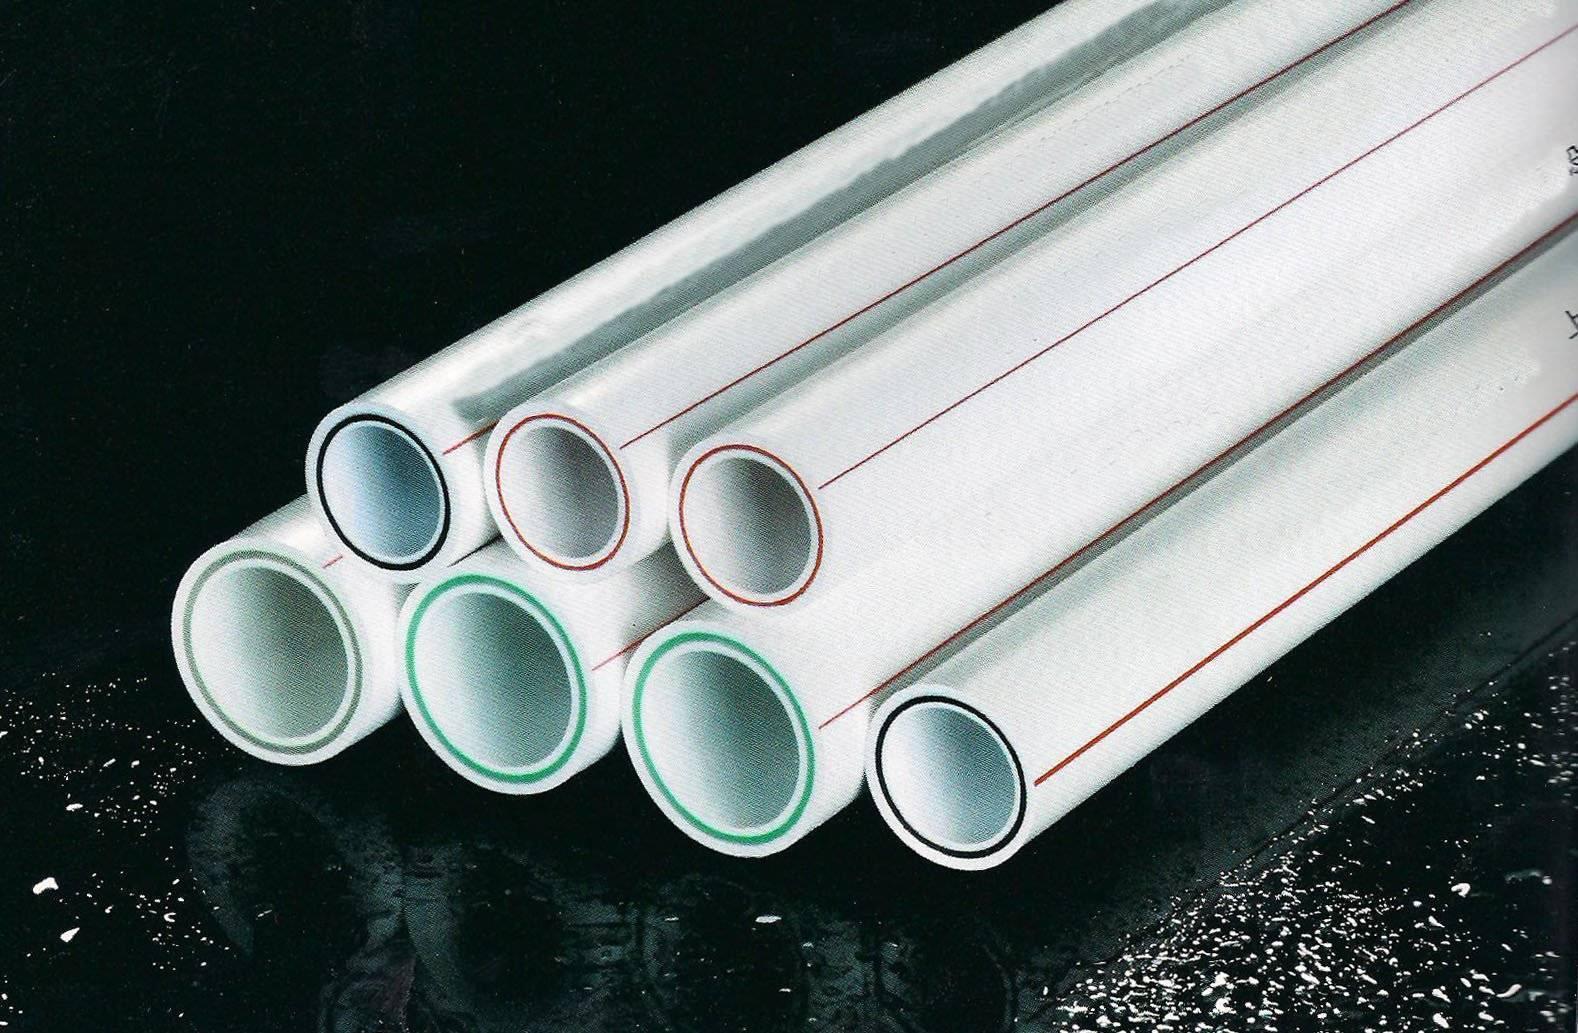 Виды пластиковых труб для водопровода - всё о сантехнике